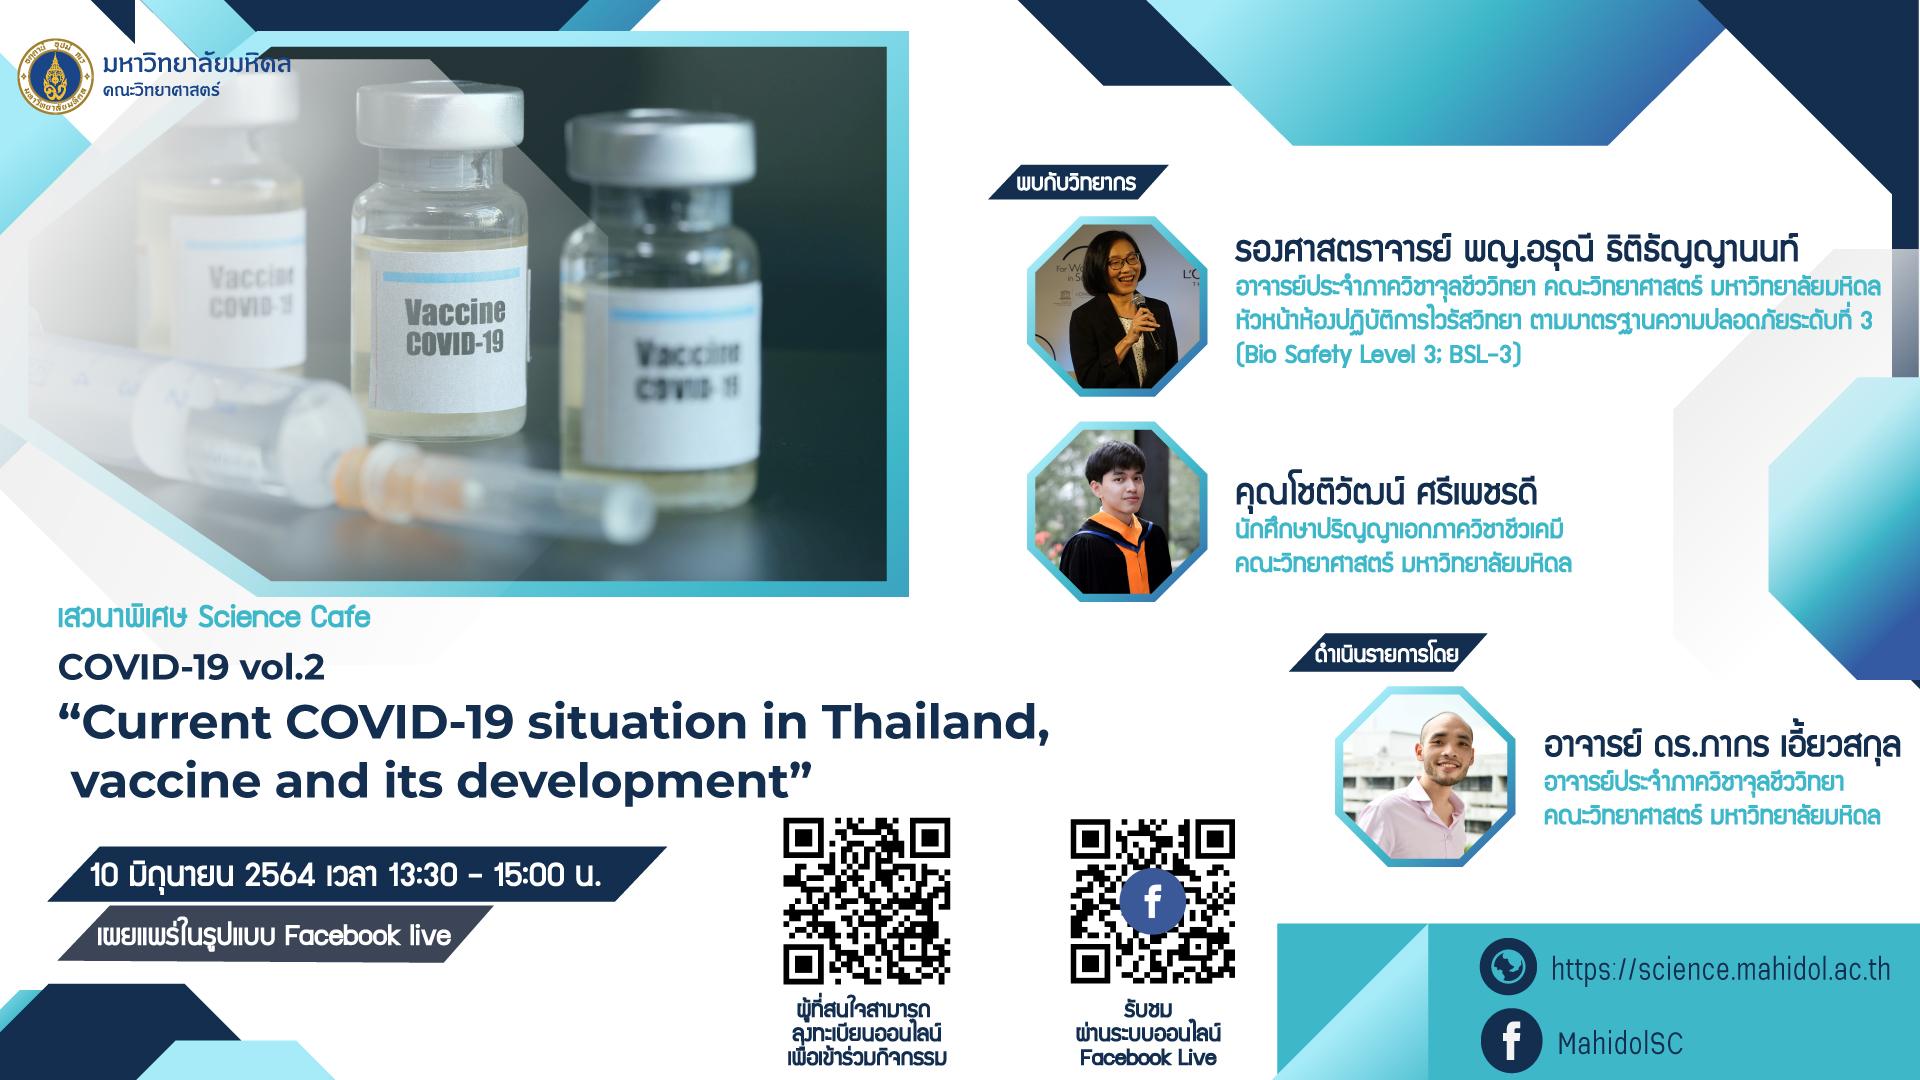 """เสวนาพิเศษ Science Cafe COVID-19 vol.2 """"Current COVID-19 situation in Thailand, vaccine and its development"""" @ คณะวิทยาศาสตร์"""